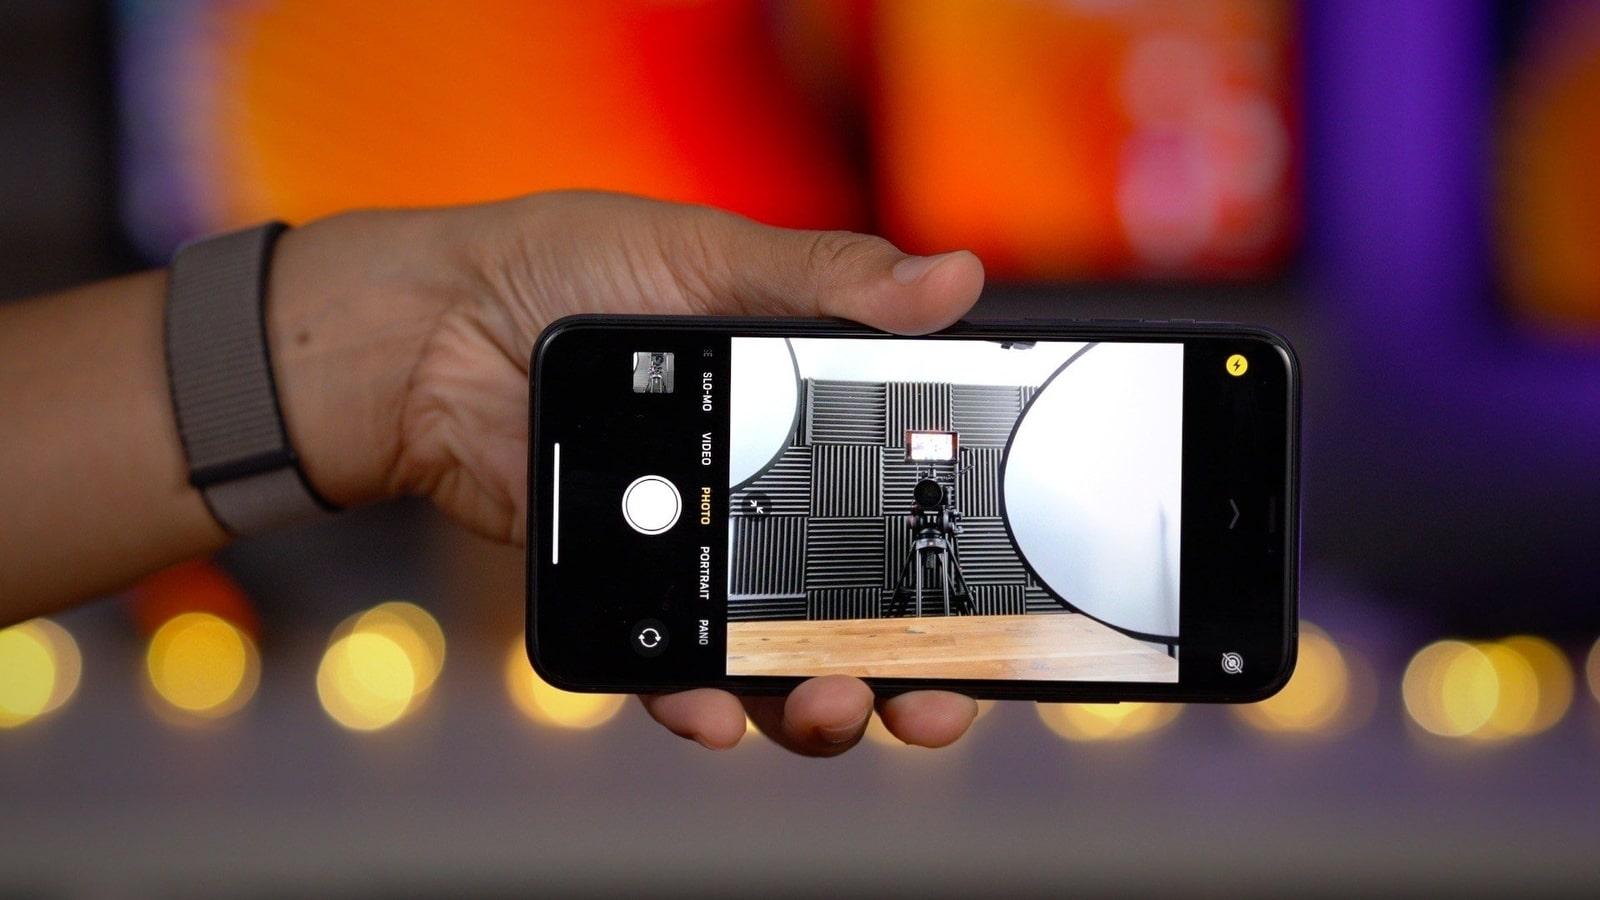 Consumer Reports xếp hạng hai mẫu iPhone 11 Pro là smartphone tốt nhất, khen camera và thời lượng pin